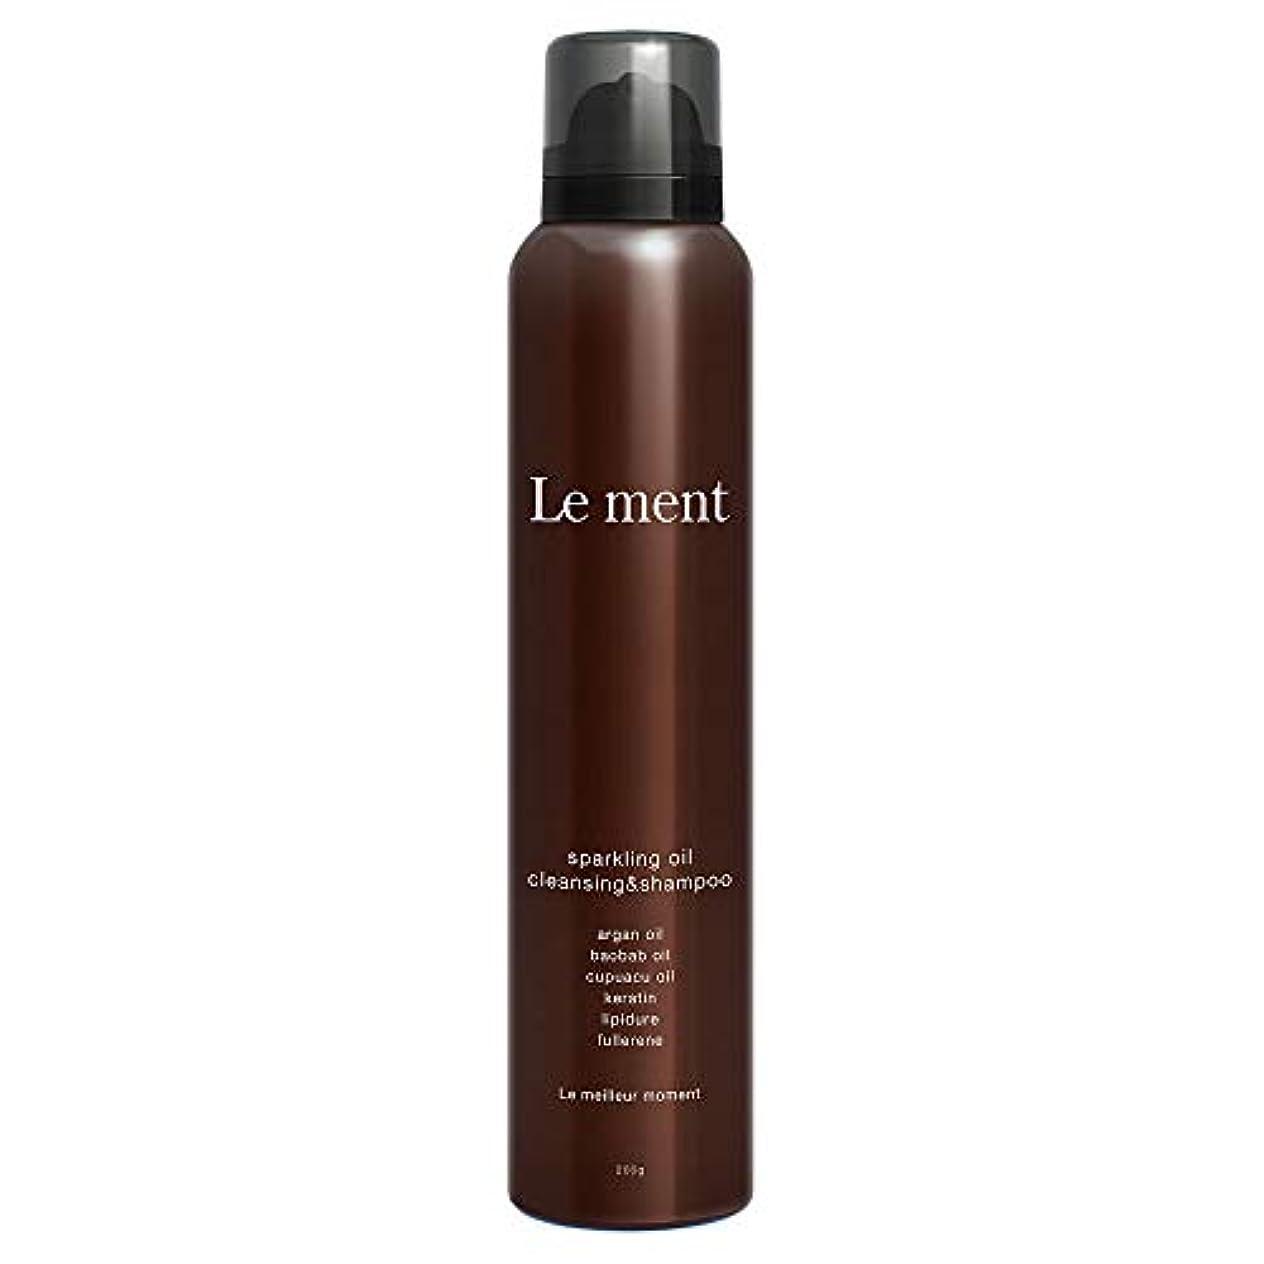 凍る欠席突っ込むLe ment -sparkling oil cleansing & shampoo -